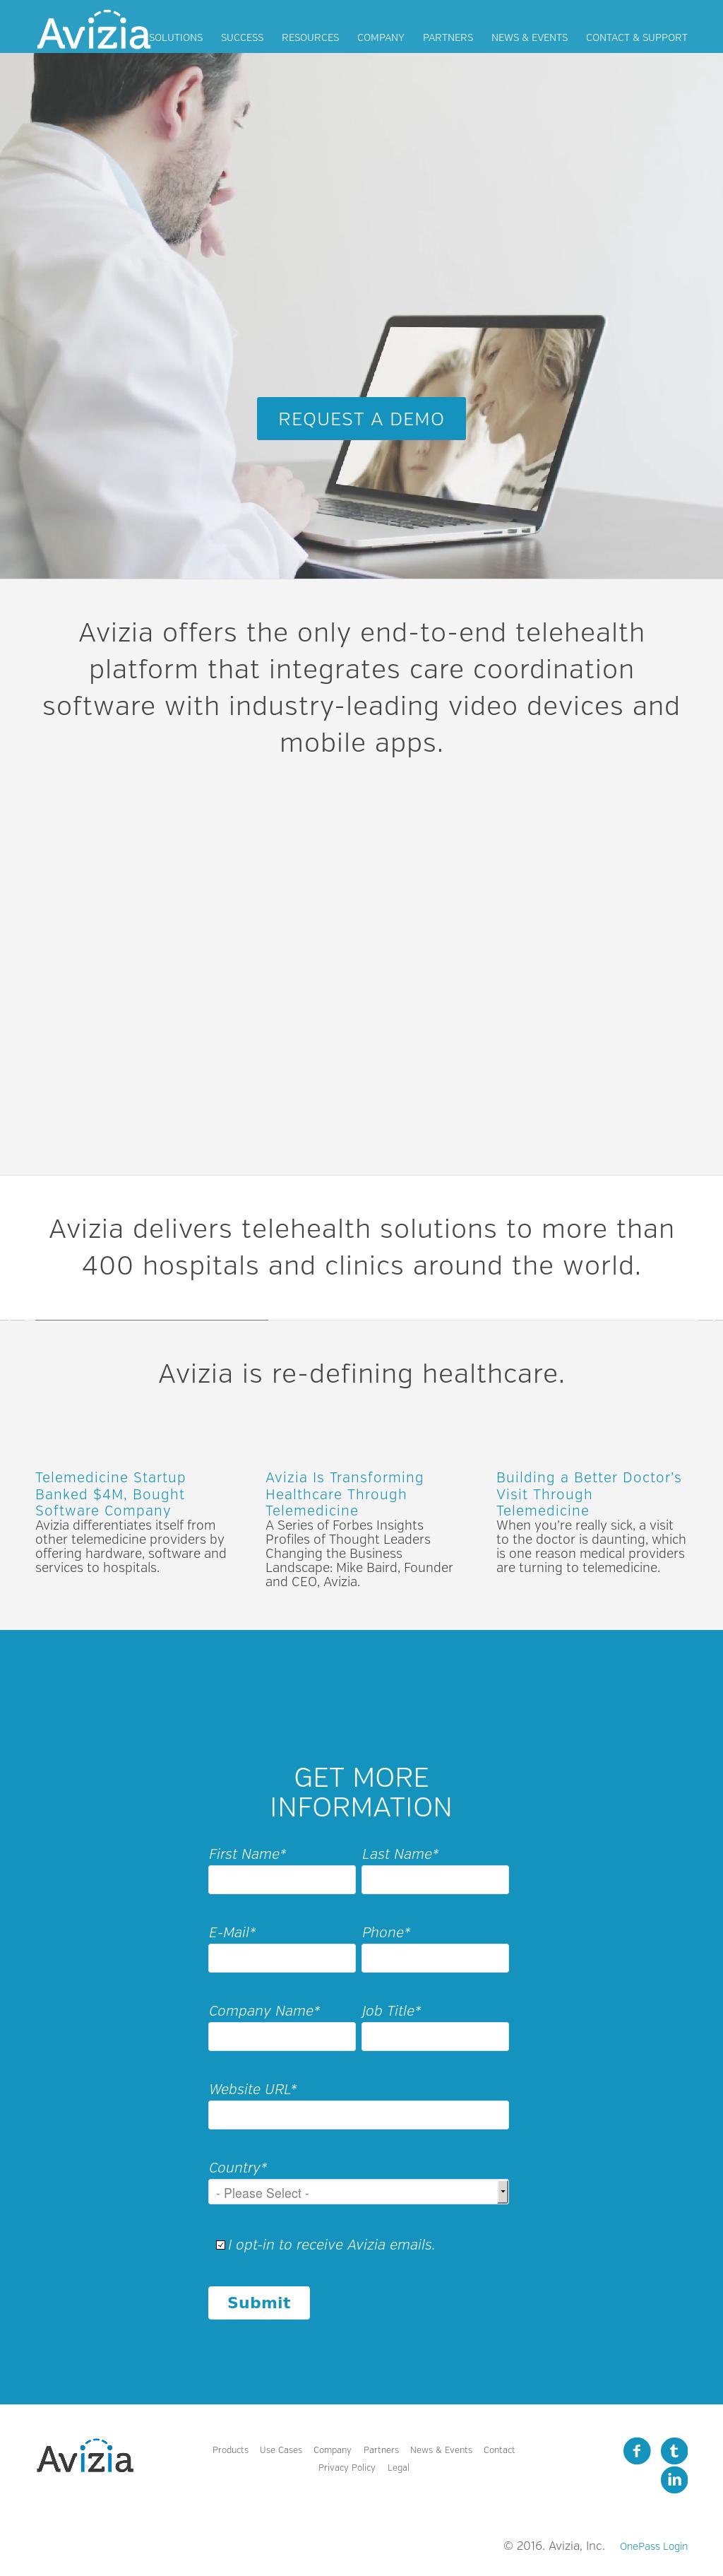 Avizia Competitors, Revenue and Employees - Owler Company Profile